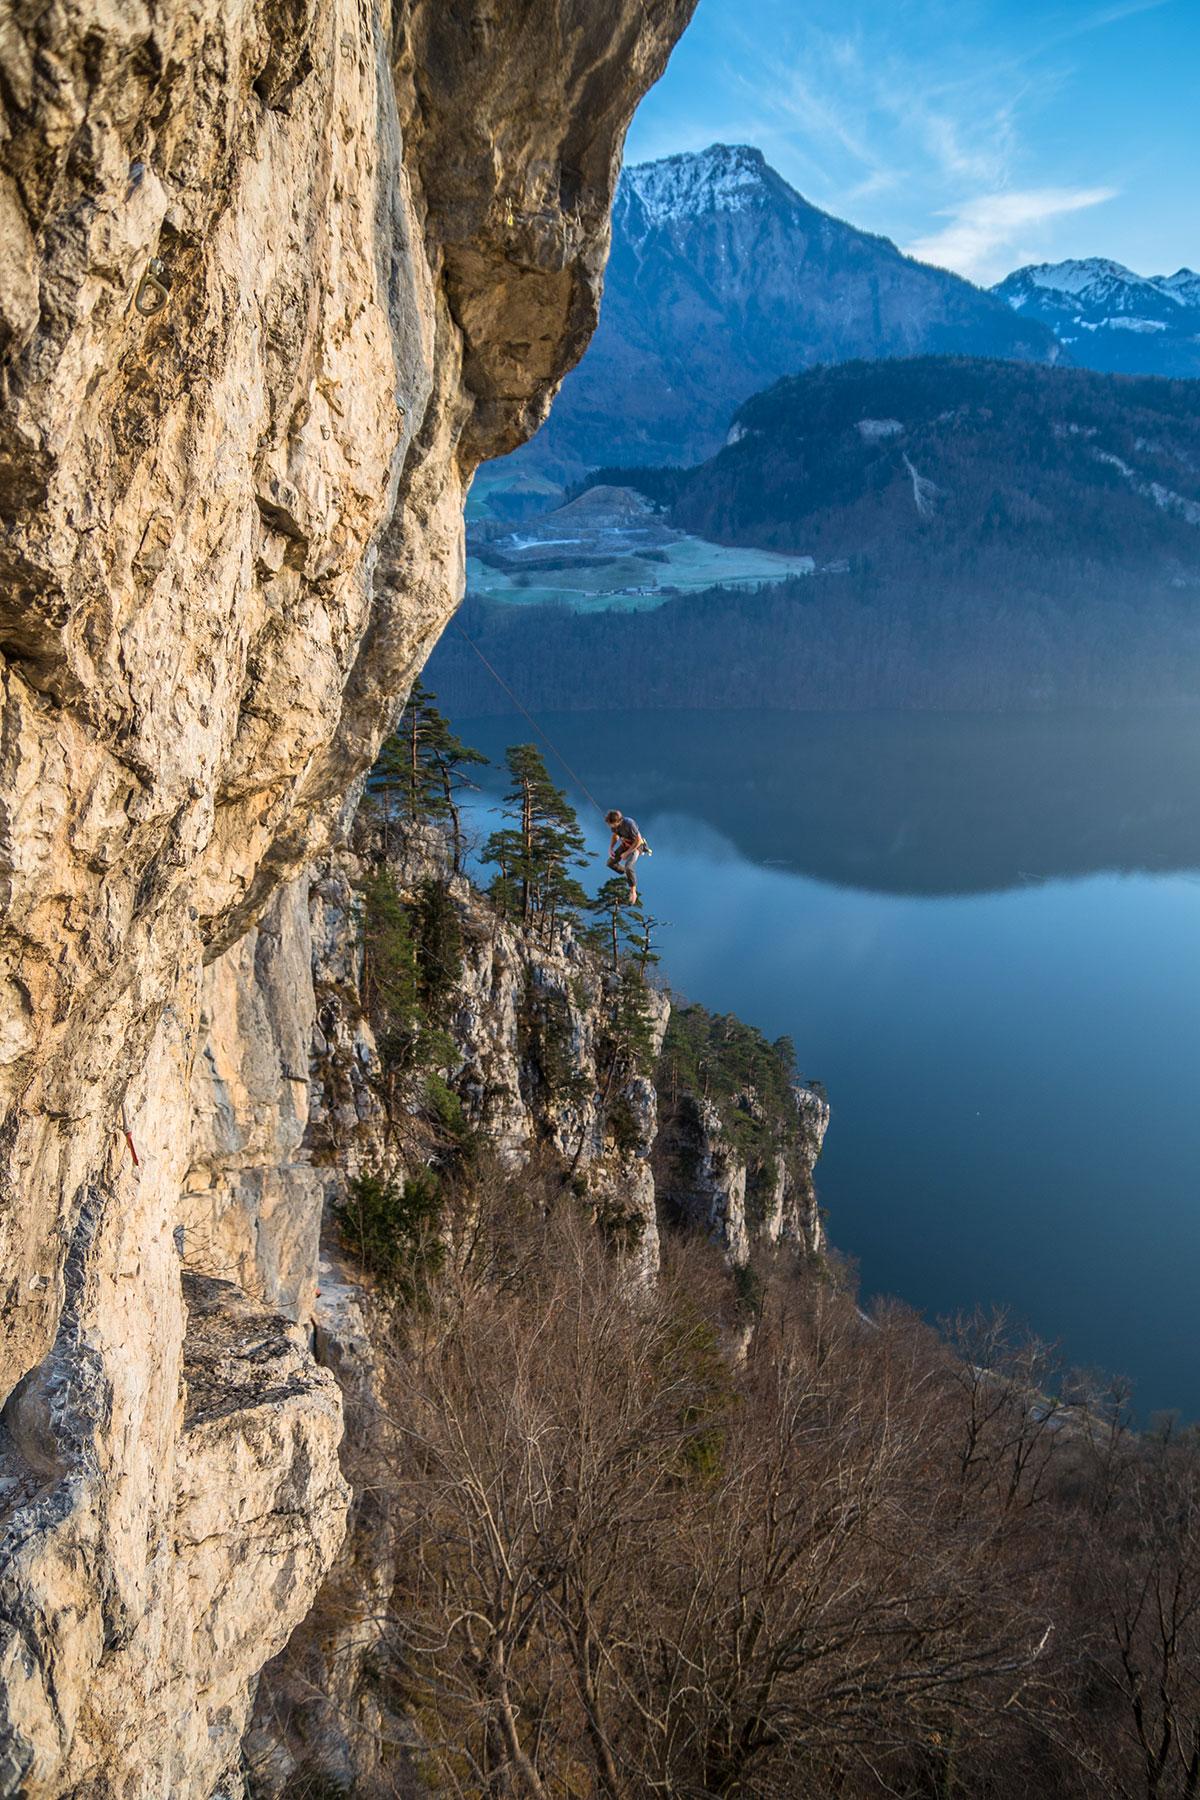 Alpnachersee - Kletterer beim Sturz